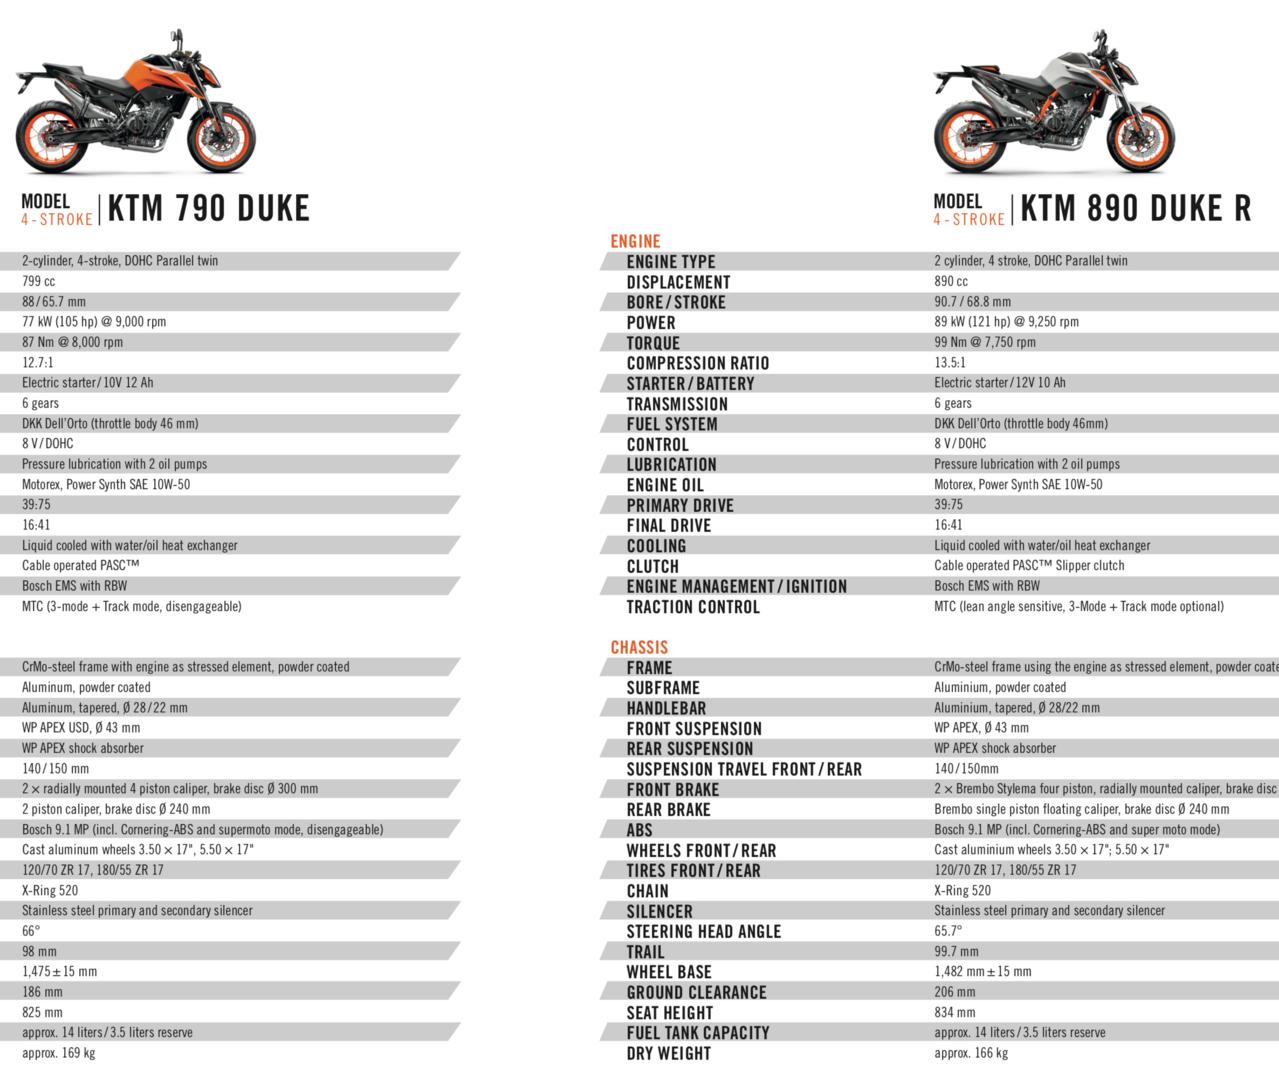 Die neue KTM 890 Duke R und ihr 790 Duke Basismodell im Datencheck.